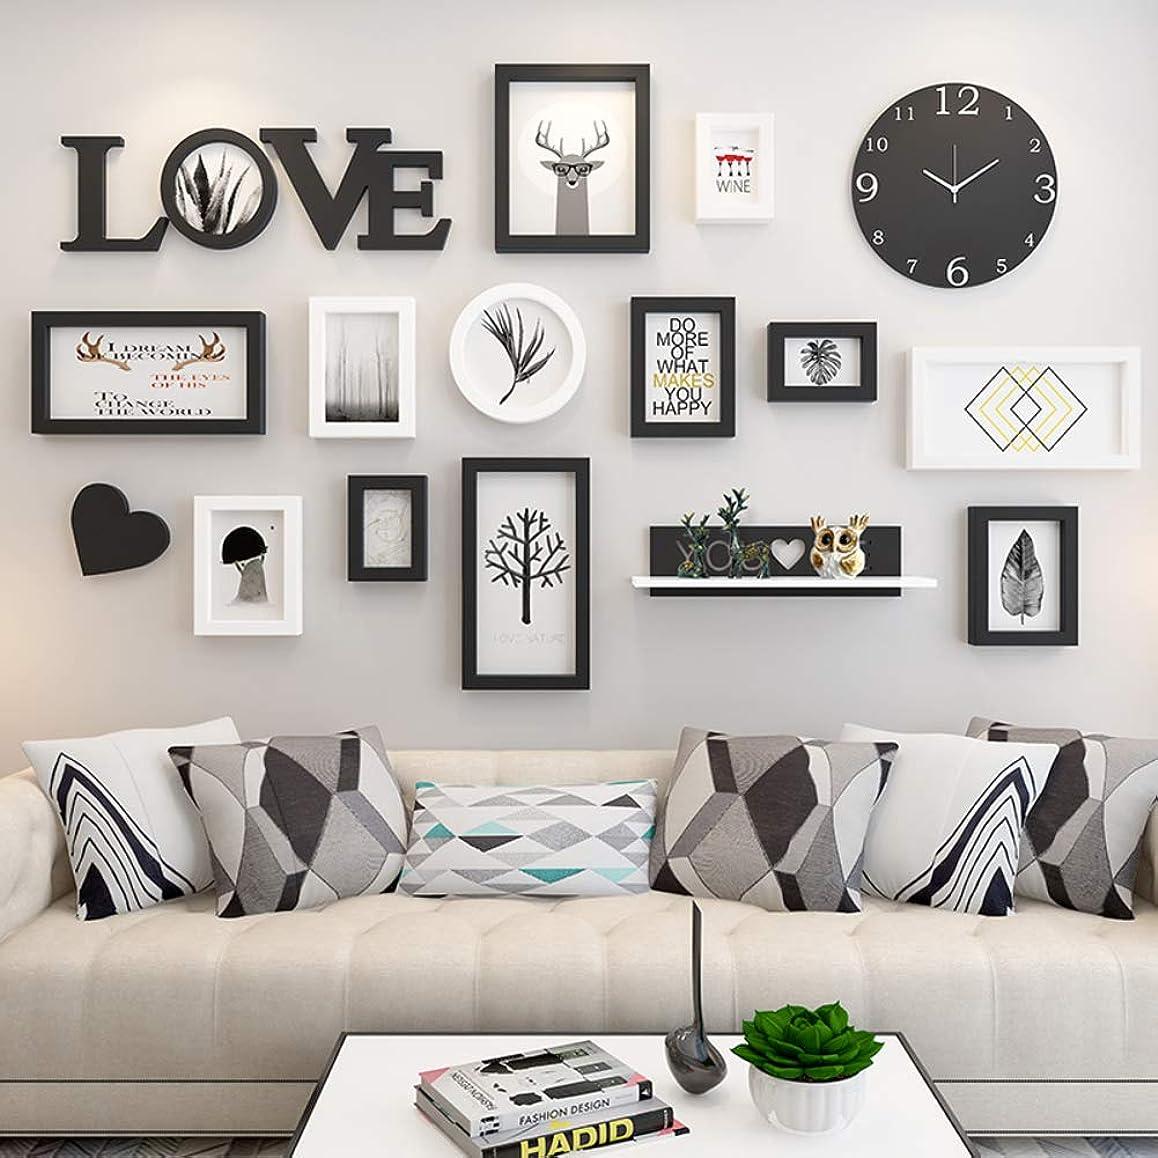 平日変換リットルリビング ルーム 写真の壁の装飾,パンチ-無料 ソファ 背景壁,フォトフレーム 吊り壁の組み合わせ C